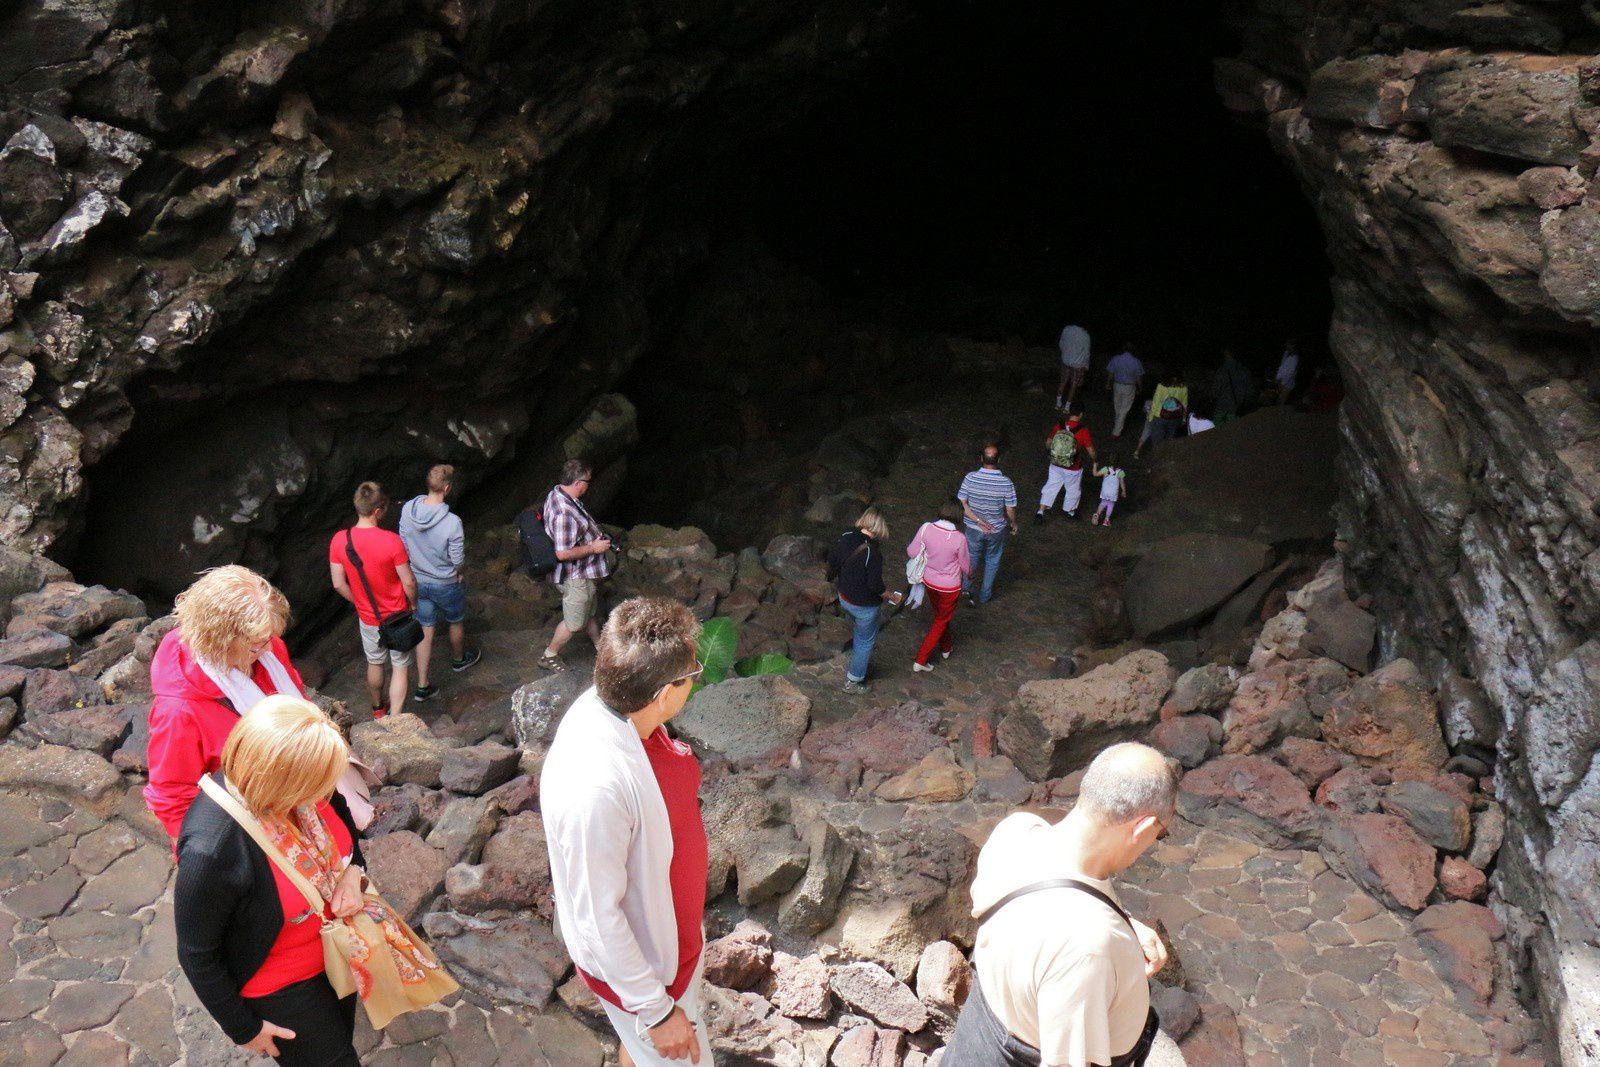 Cueva de los Verdes, Lanzarote (Canaries)